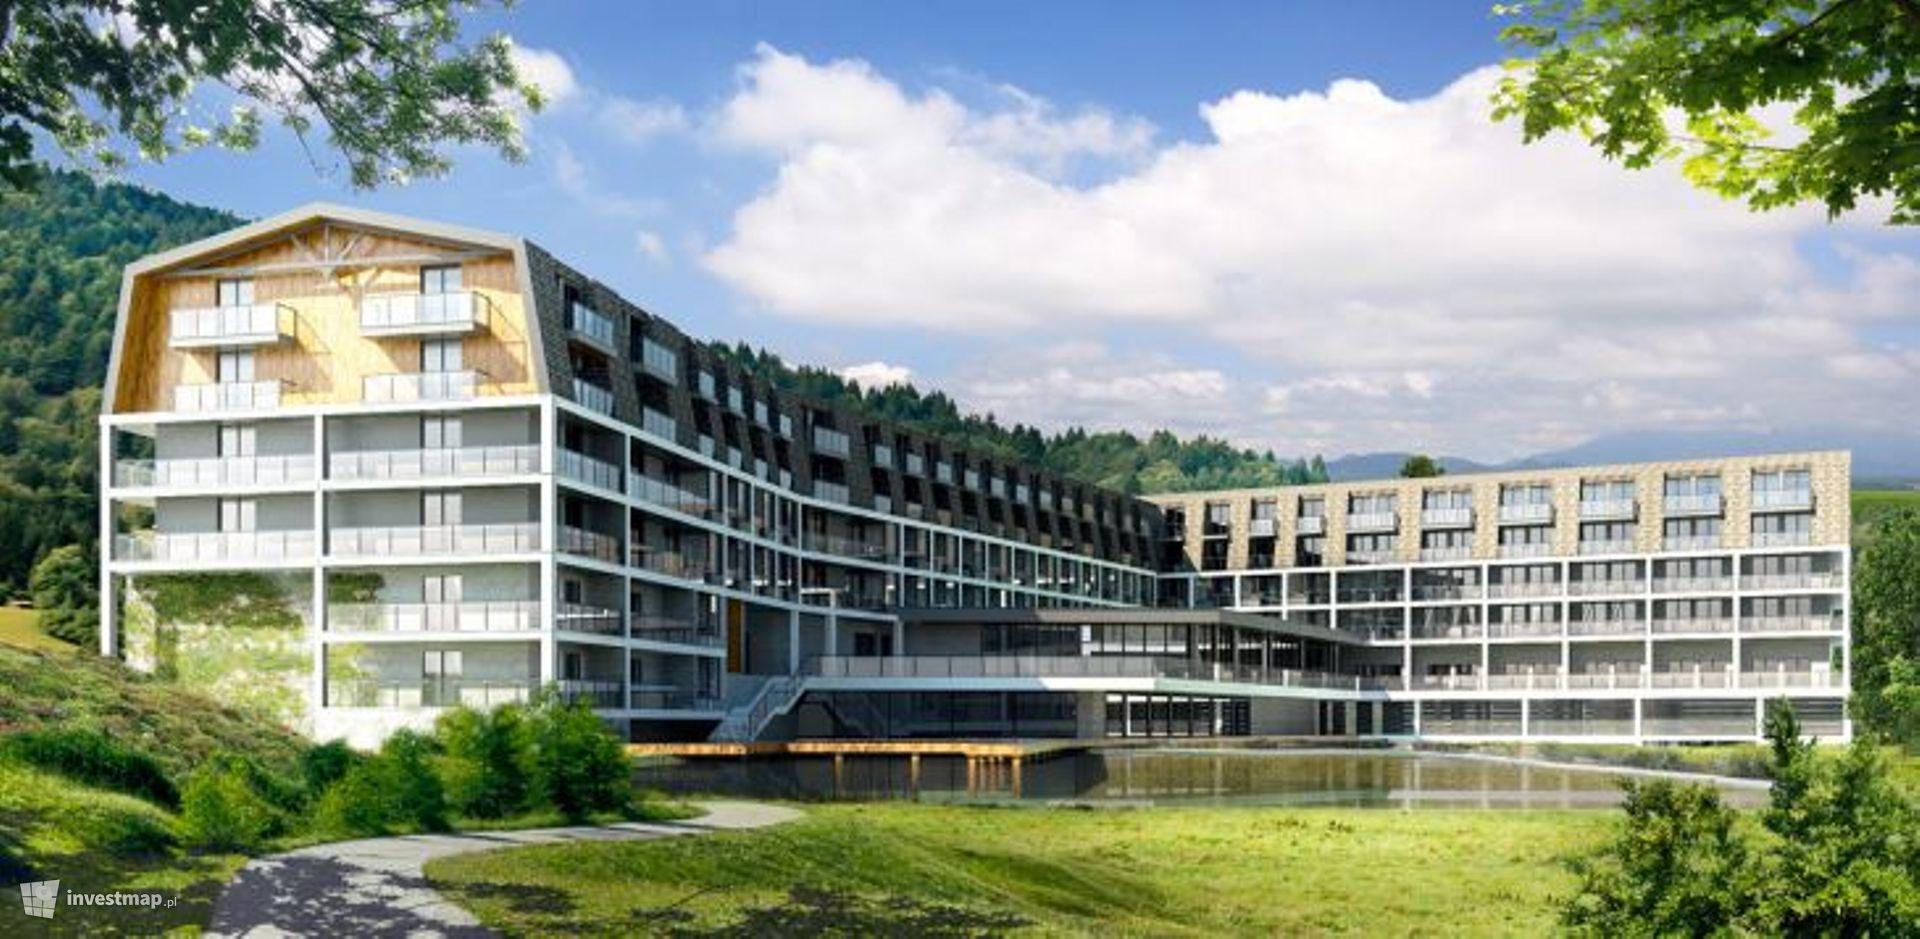 Hôtels & Préférence Szklarska Poręba